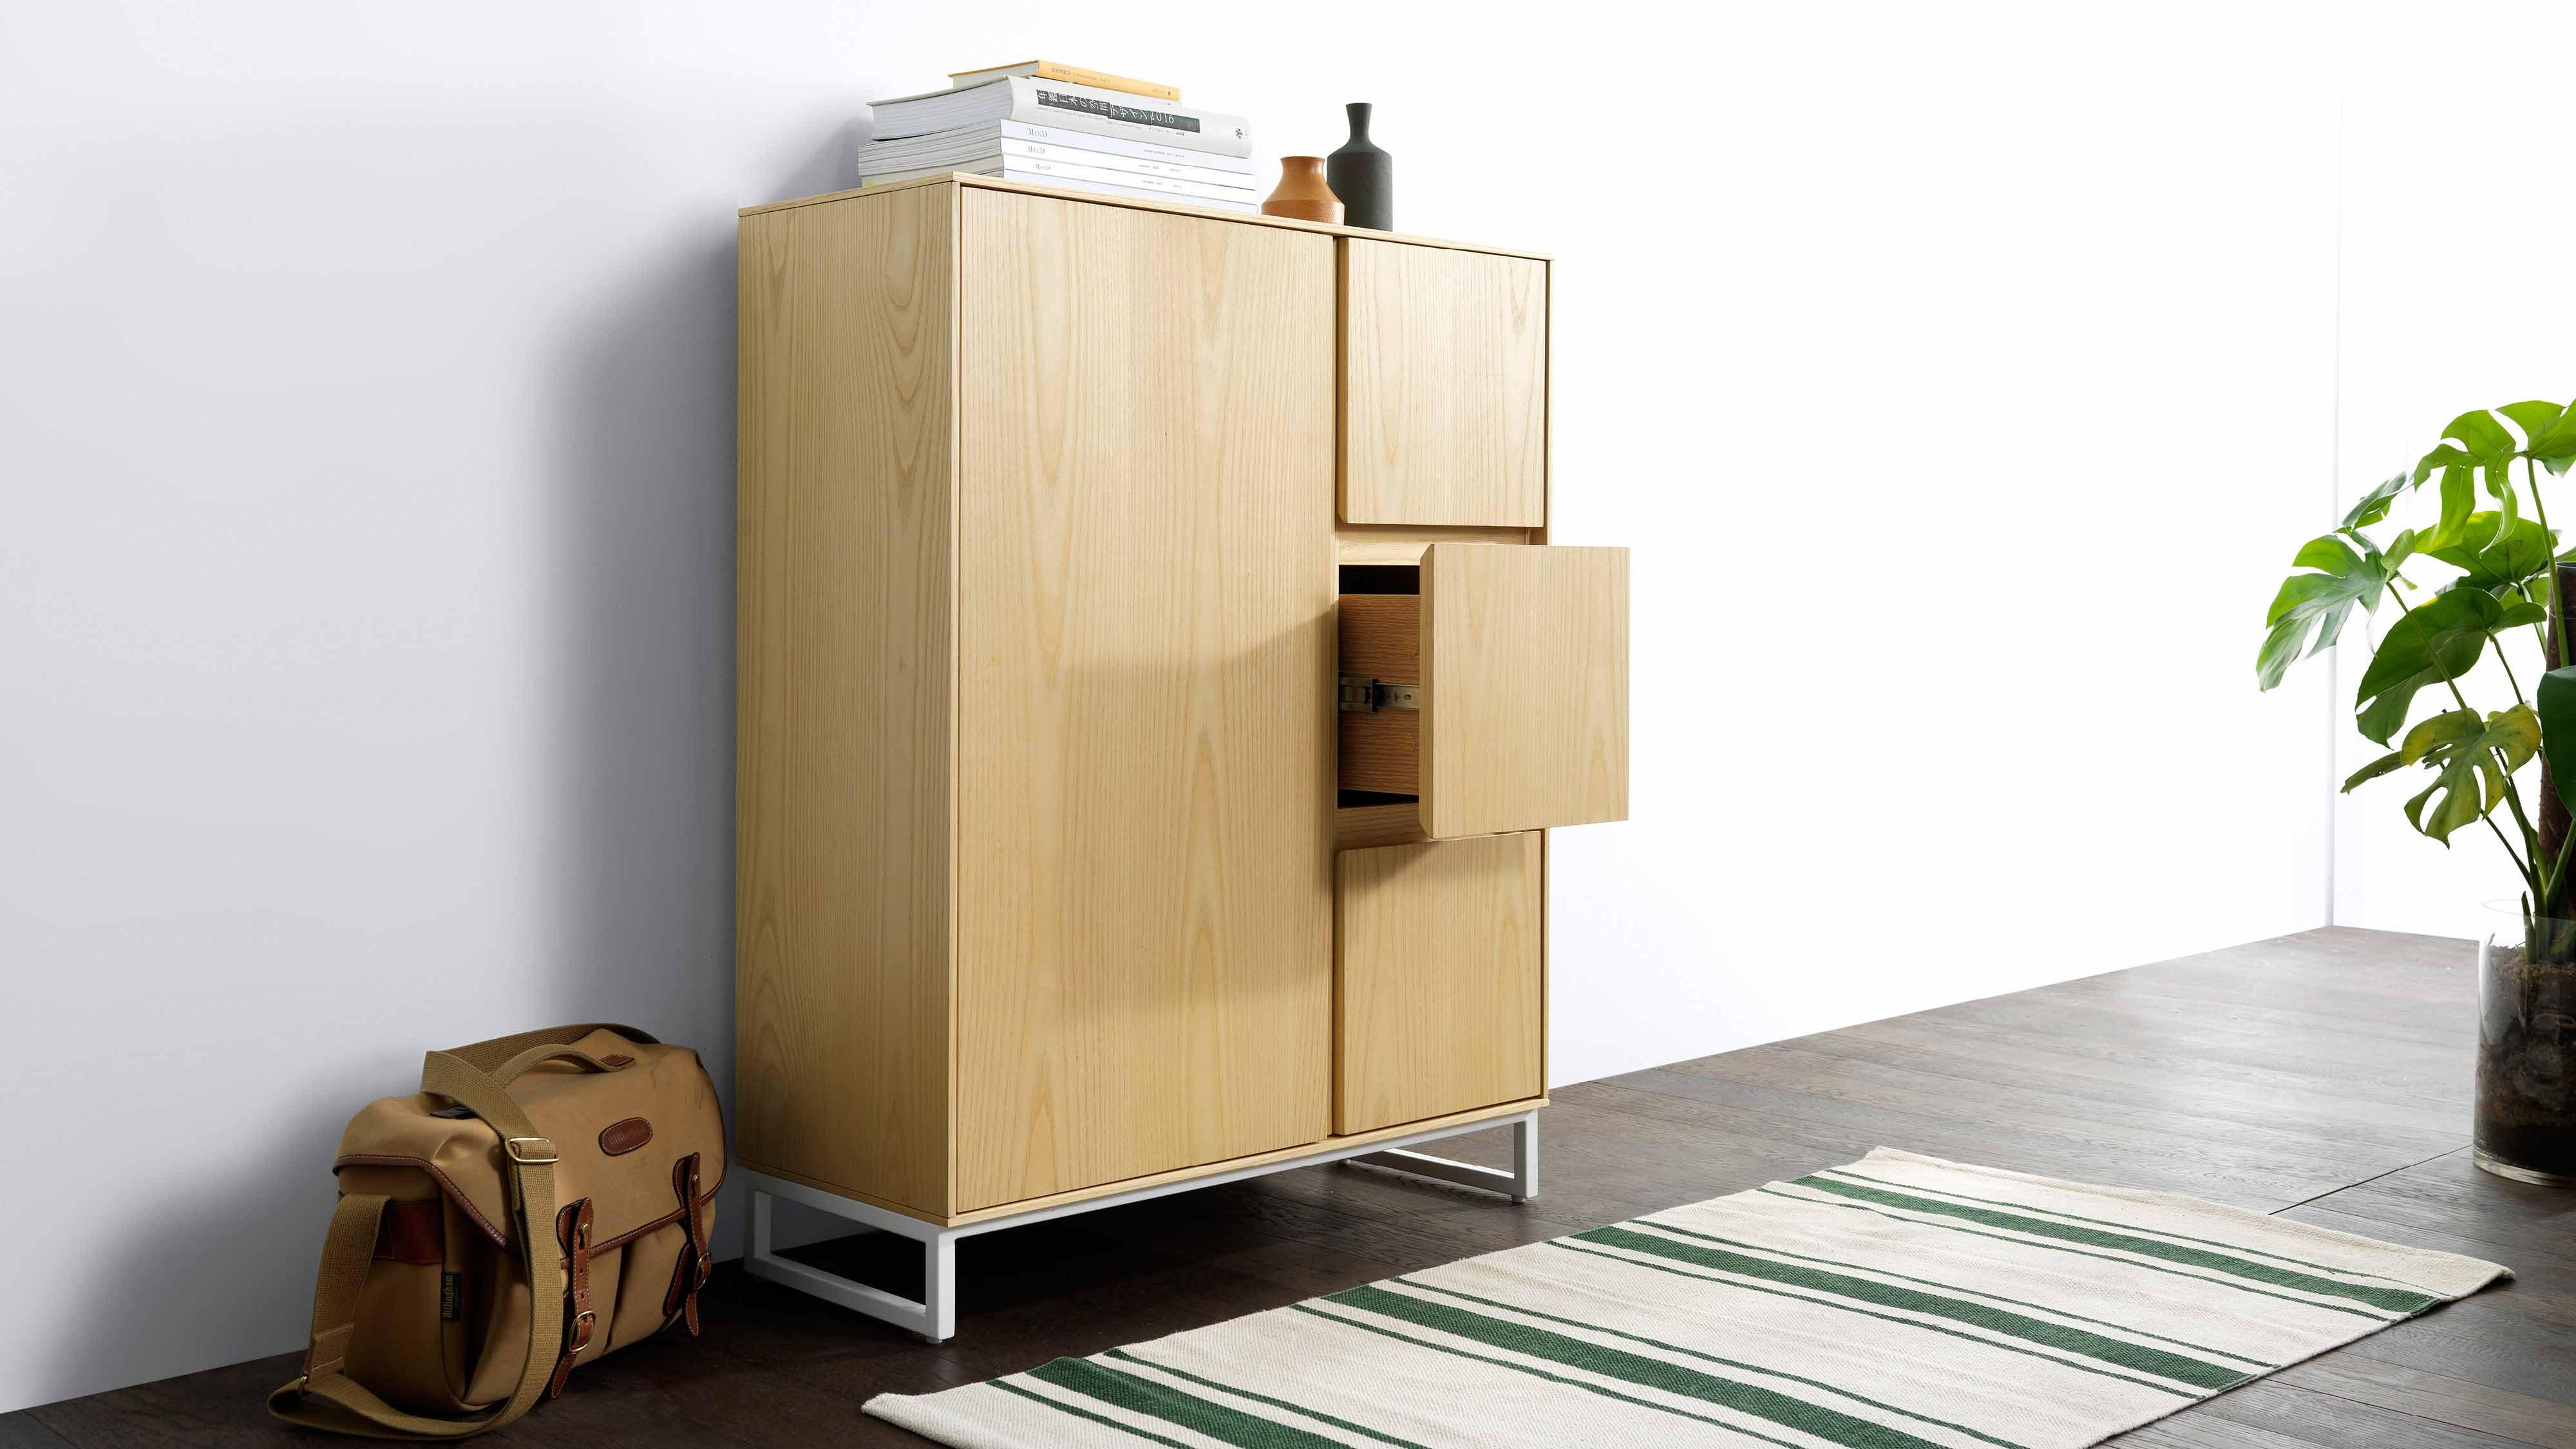 玄关与门厅处的优雅小柜,毫不张扬的线条,却隐藏着充足的收纳空间,离家回家的常在温暖,从这个问候开始。?x-oss-process=image/format,jpg/interlace,1